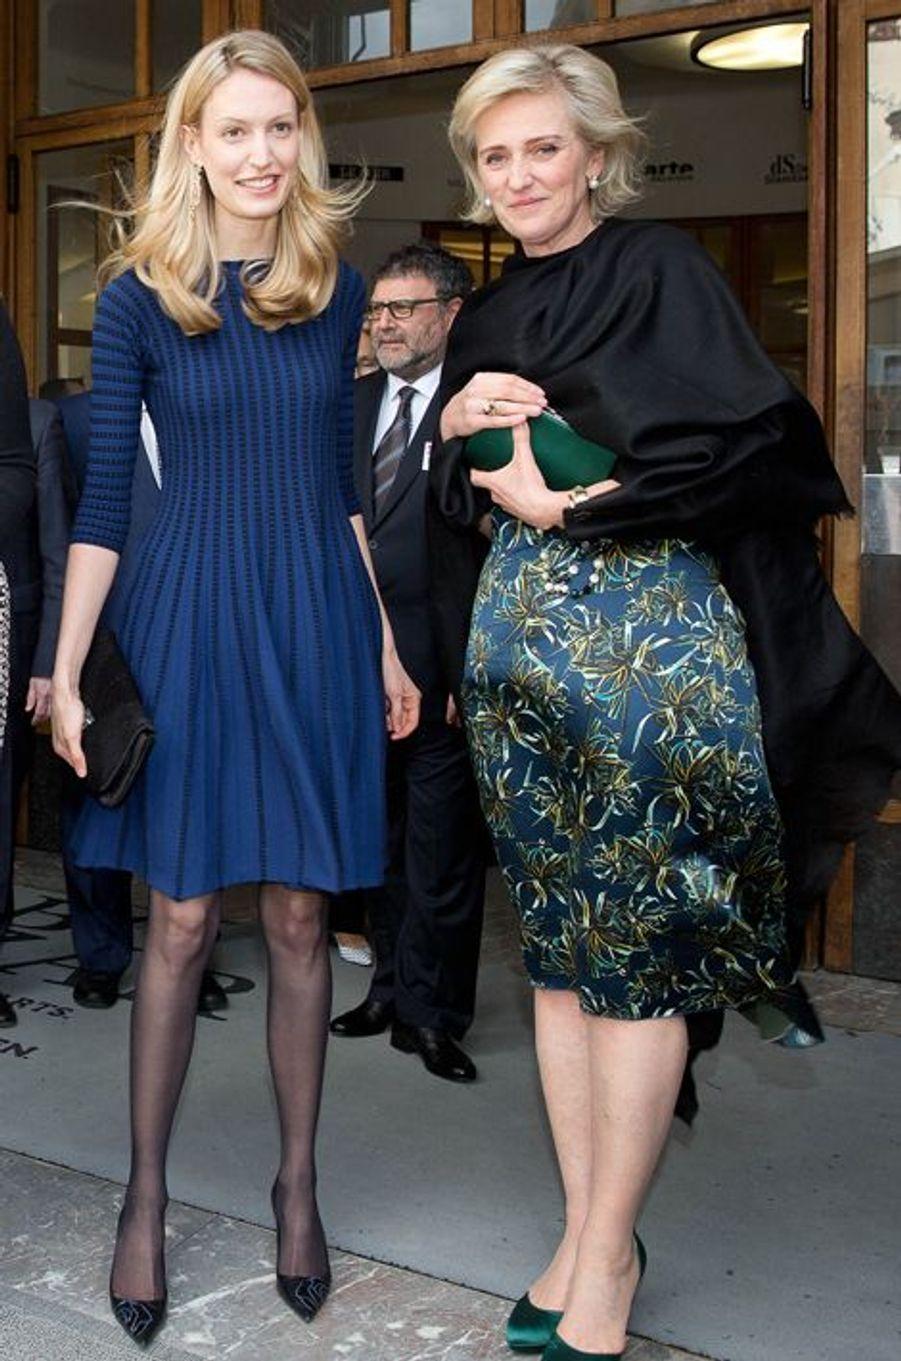 Elisabetta avec sa belle-mère la princesse Astrid à Bruxelles, le 31 mars 2015